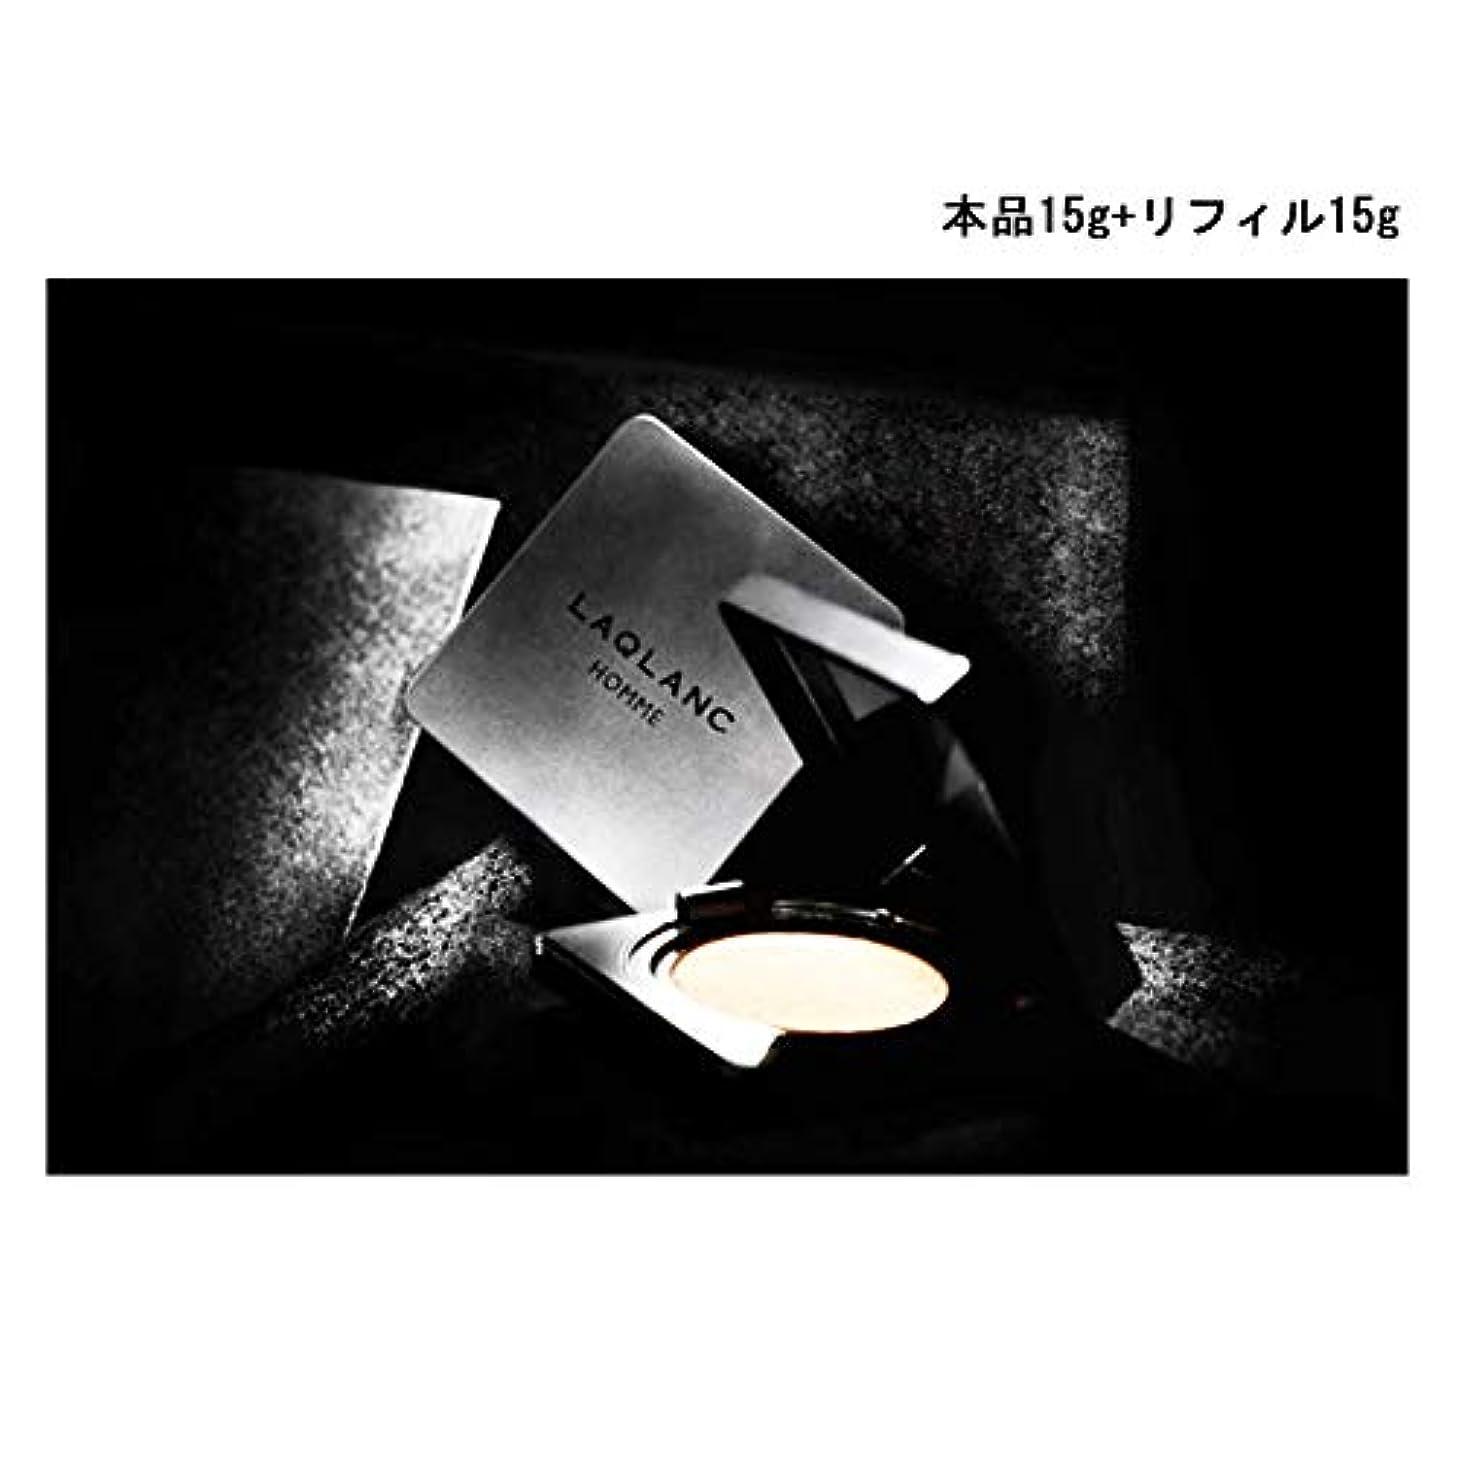 女性大学院慣習(Laqlanc)大人気 10秒完成 ナチュラル 肌色アップ 紫外線遮断 ホワイトニング 男性 エアクッション 15g +リフィル 15g [海外配送品] [並行輸入品]